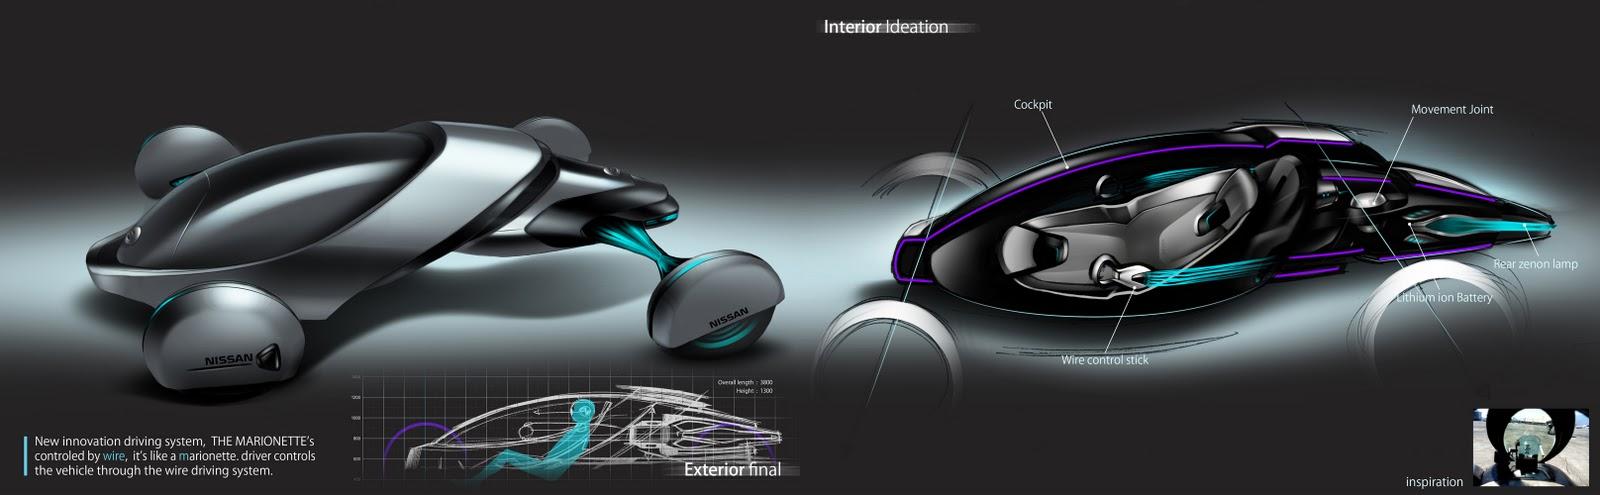 Interior Motives Design Awards 2009 Shortlist